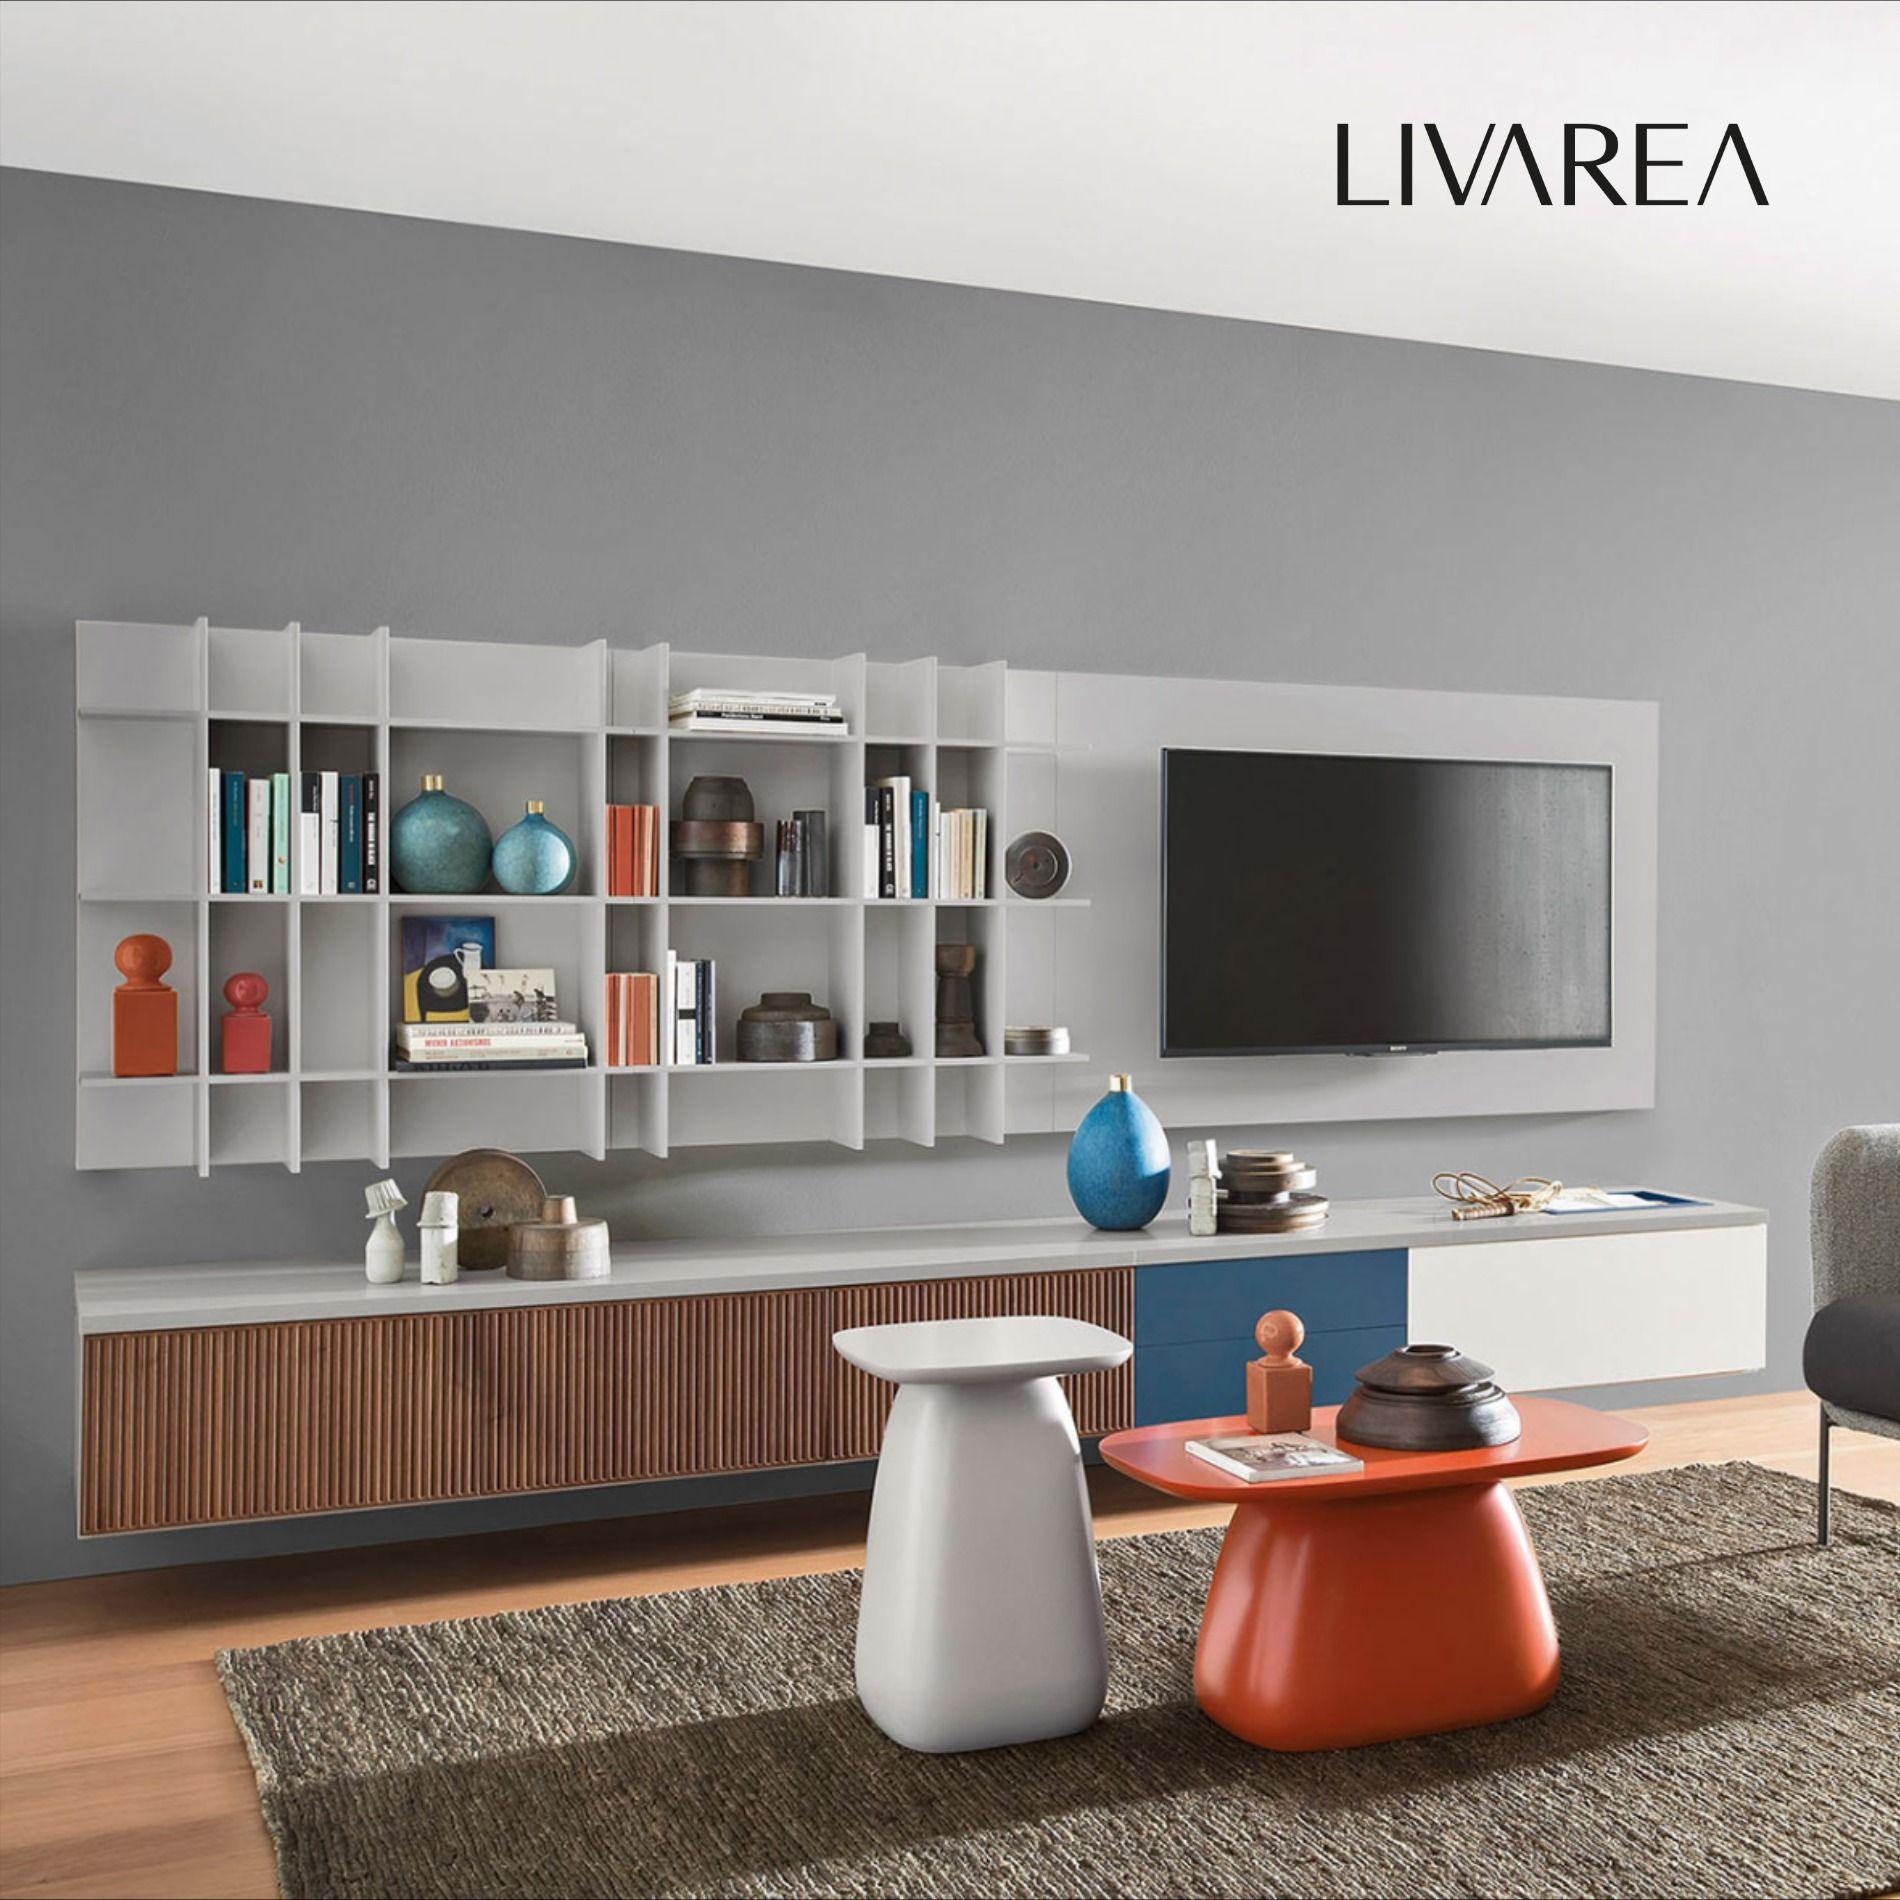 Wunderschönes Design Wohnzimmer mit Wohnwand in 7  Designer